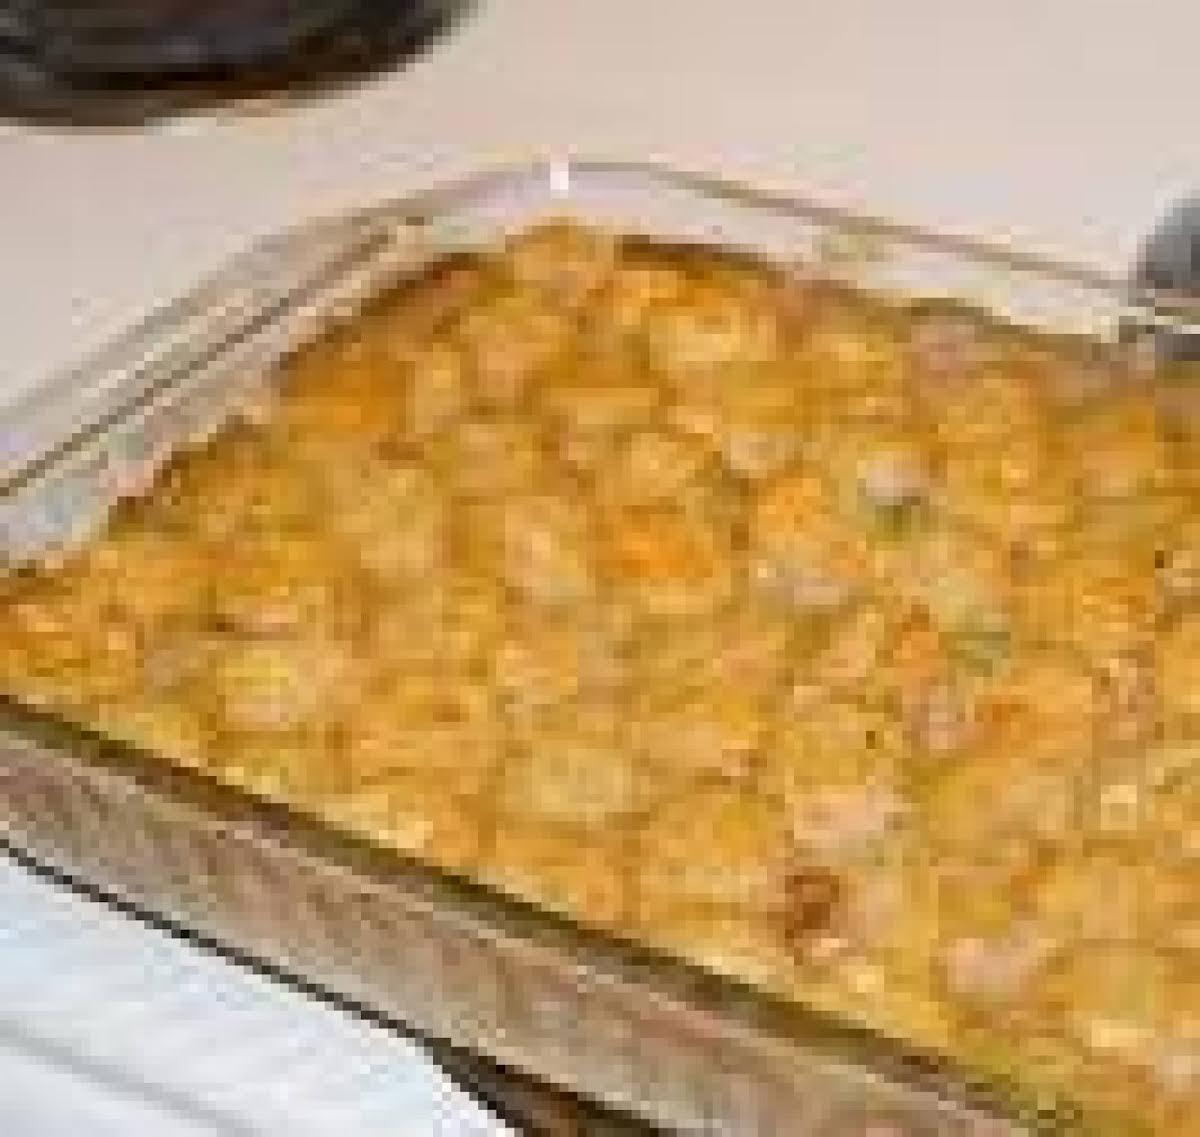 Beefgreen Bean Tator Tot Casserole | Just A Pinch Recipes